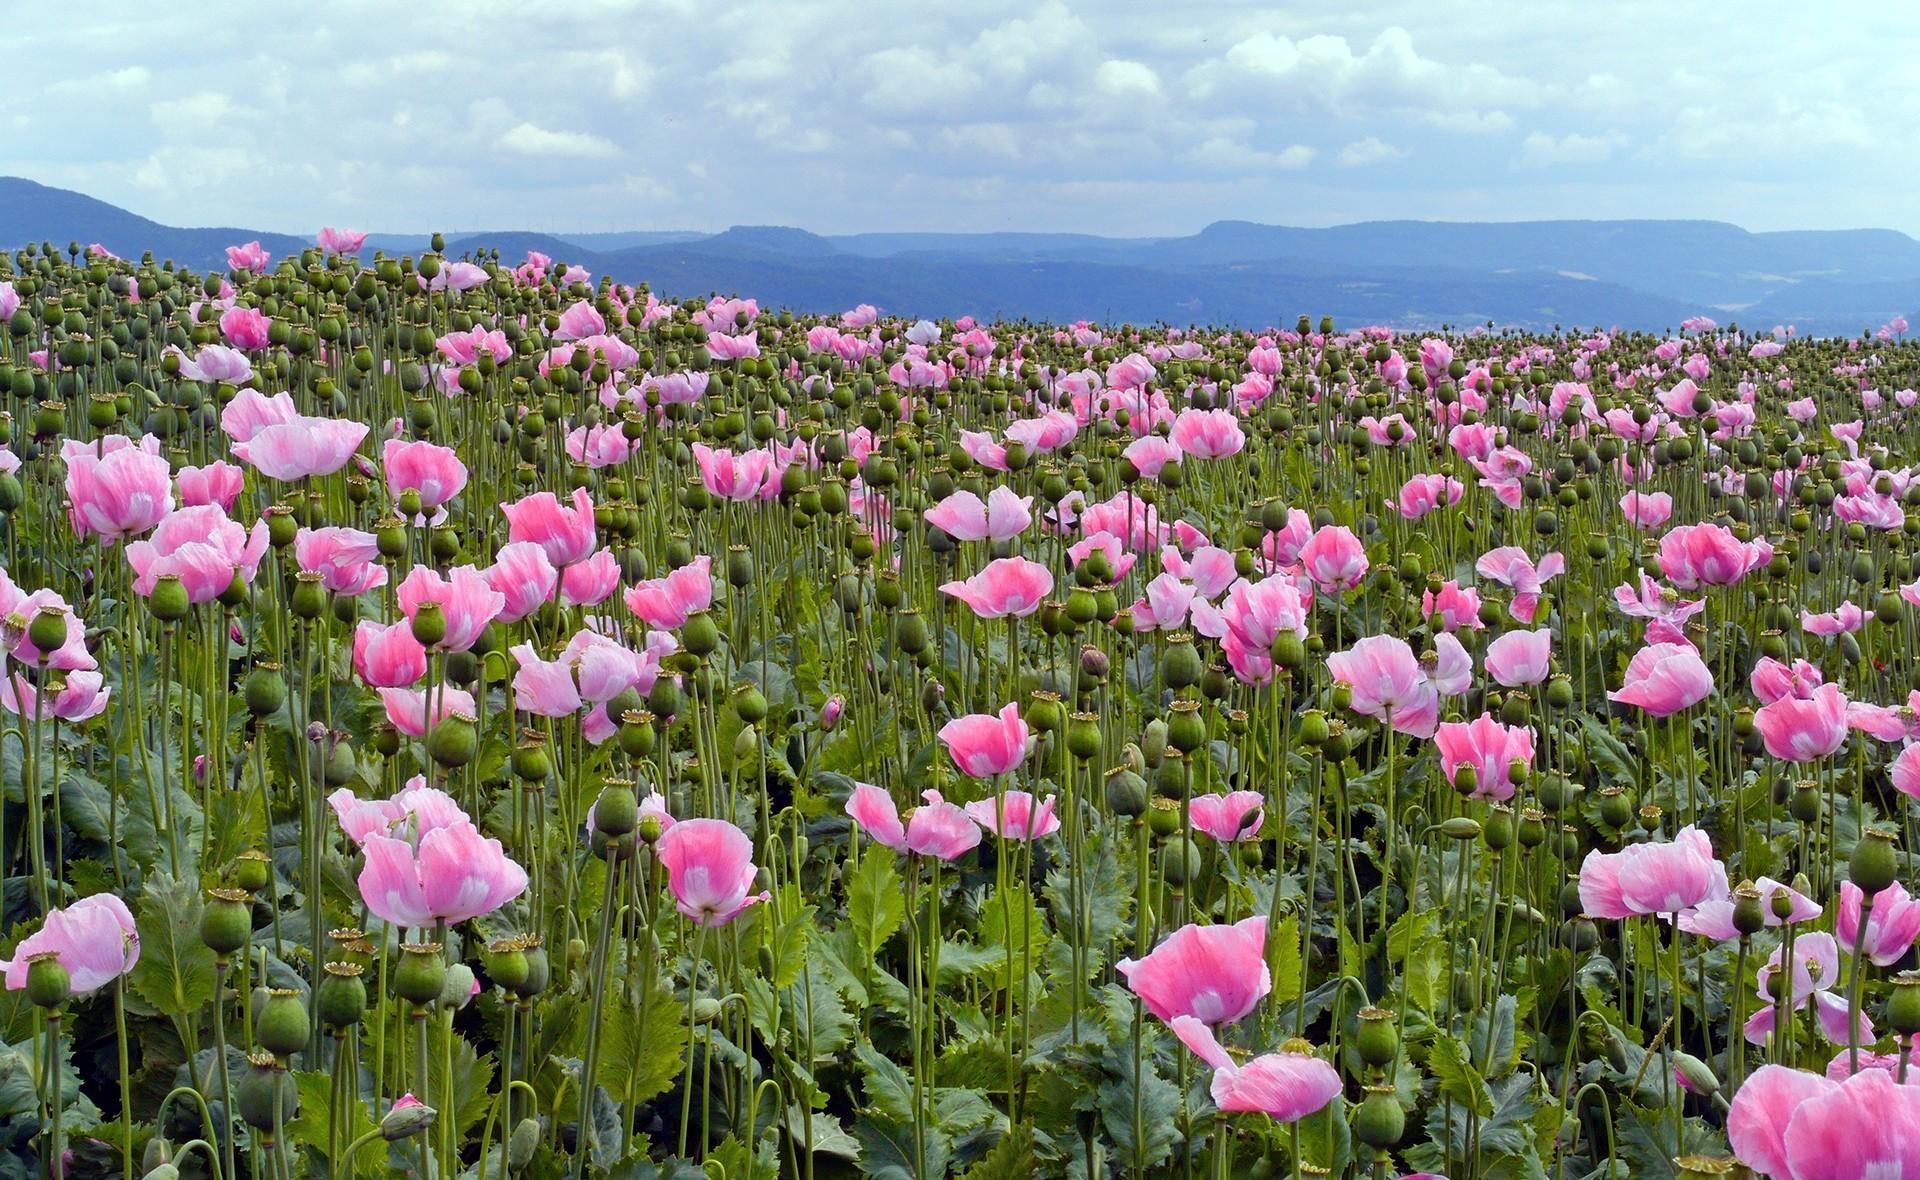 Wallpaper Poppies Pink Meadow Sky Horizon 1920x1180